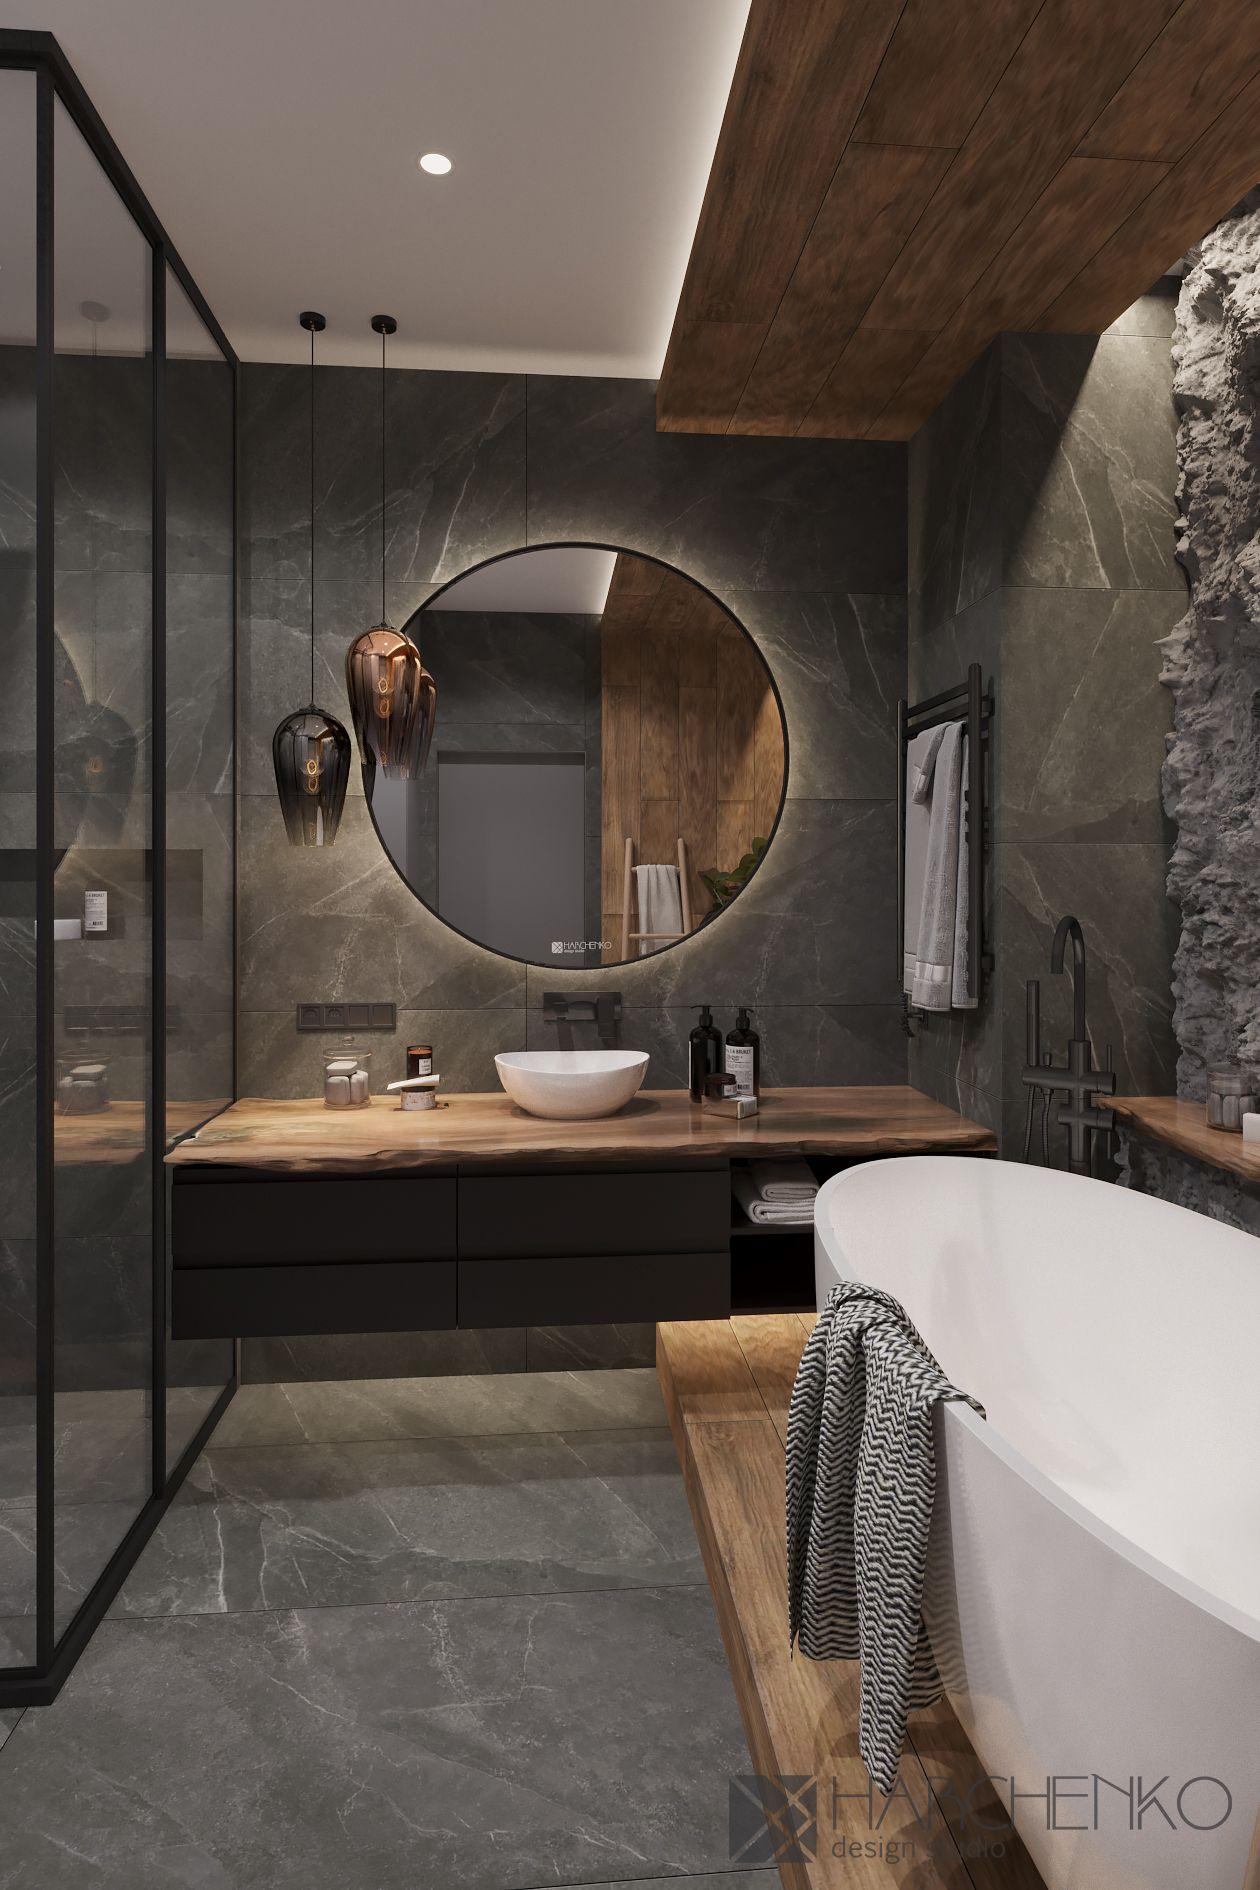 Apartment In The Ac Alter Ego In 2020 Bathroom Design Luxury Bathroom Interior Design Modern Bathroom Design